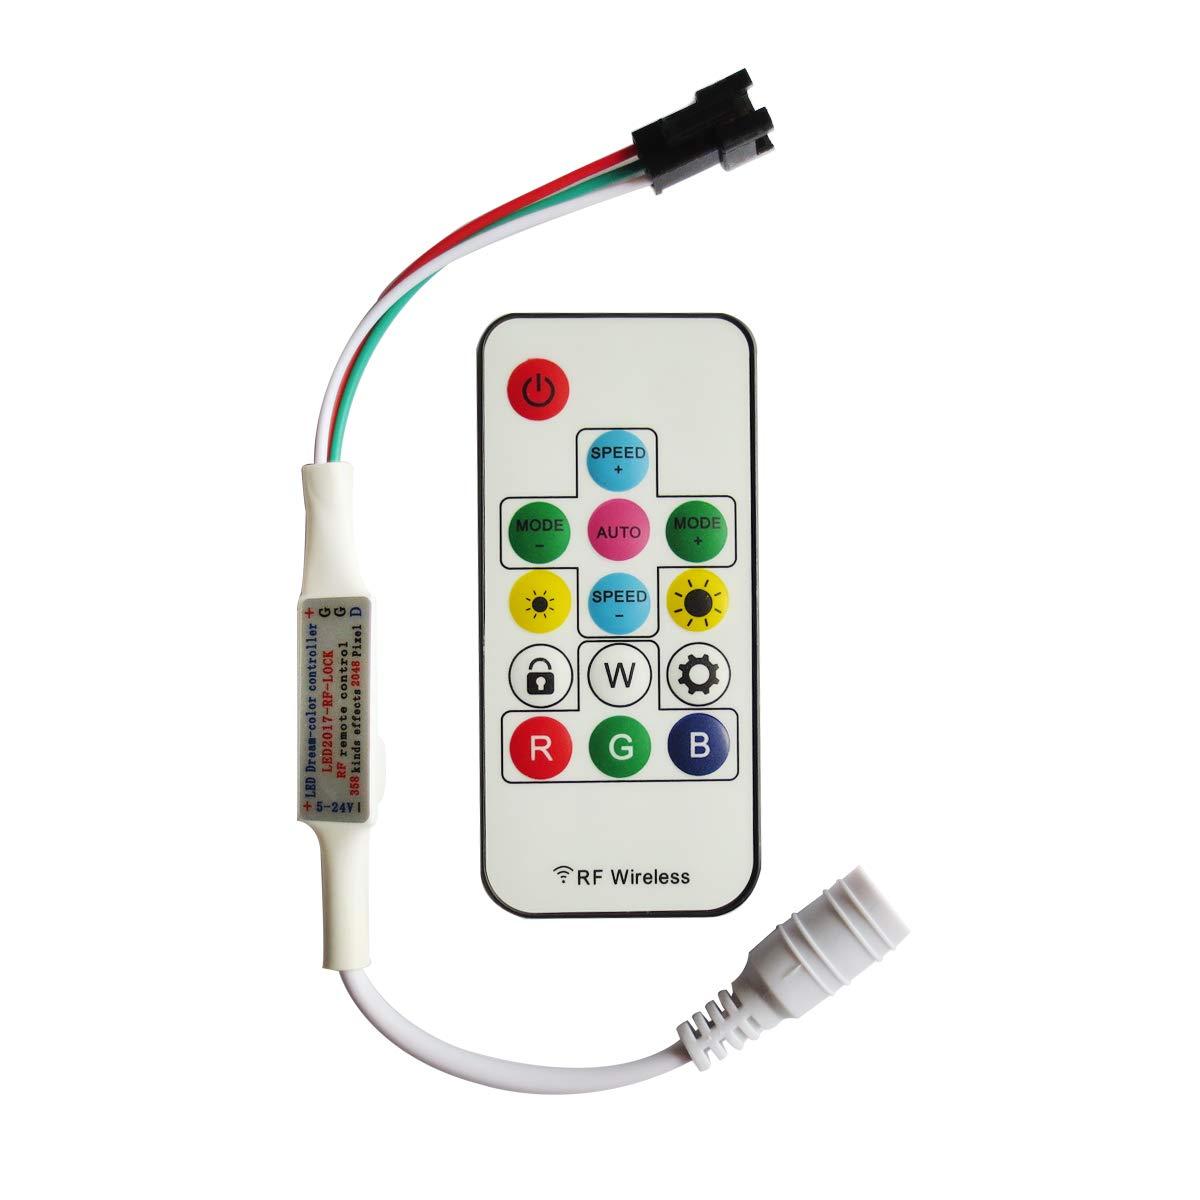 Tesfish Controlador remoto LED 5V-24V 366 clases de cambios RGB llev/ó el regulador para la luz de tira de WS2811 WS2812 WS2812B LED